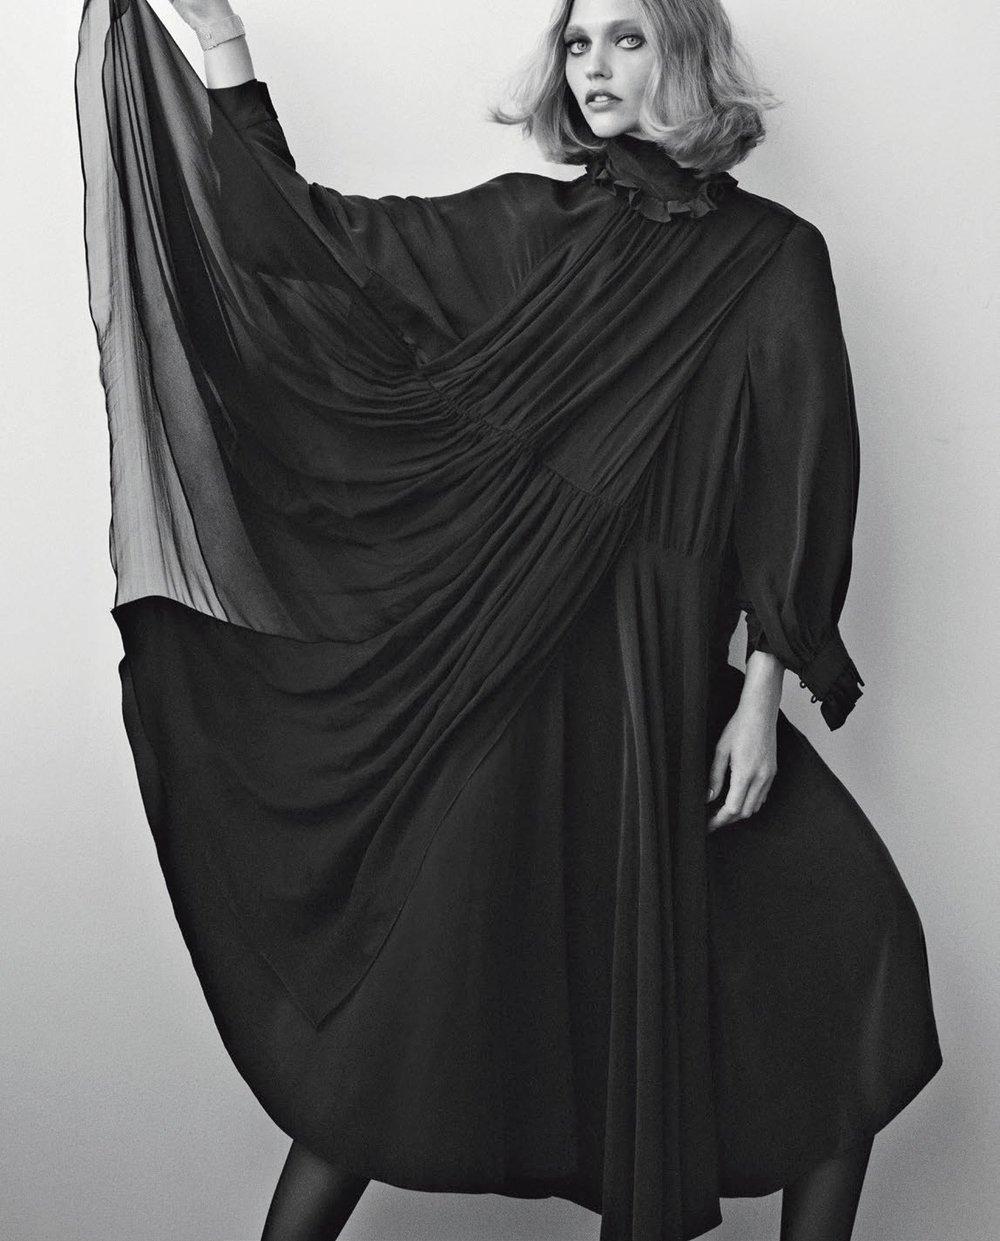 Vogue Italia November 2018 3.jpg